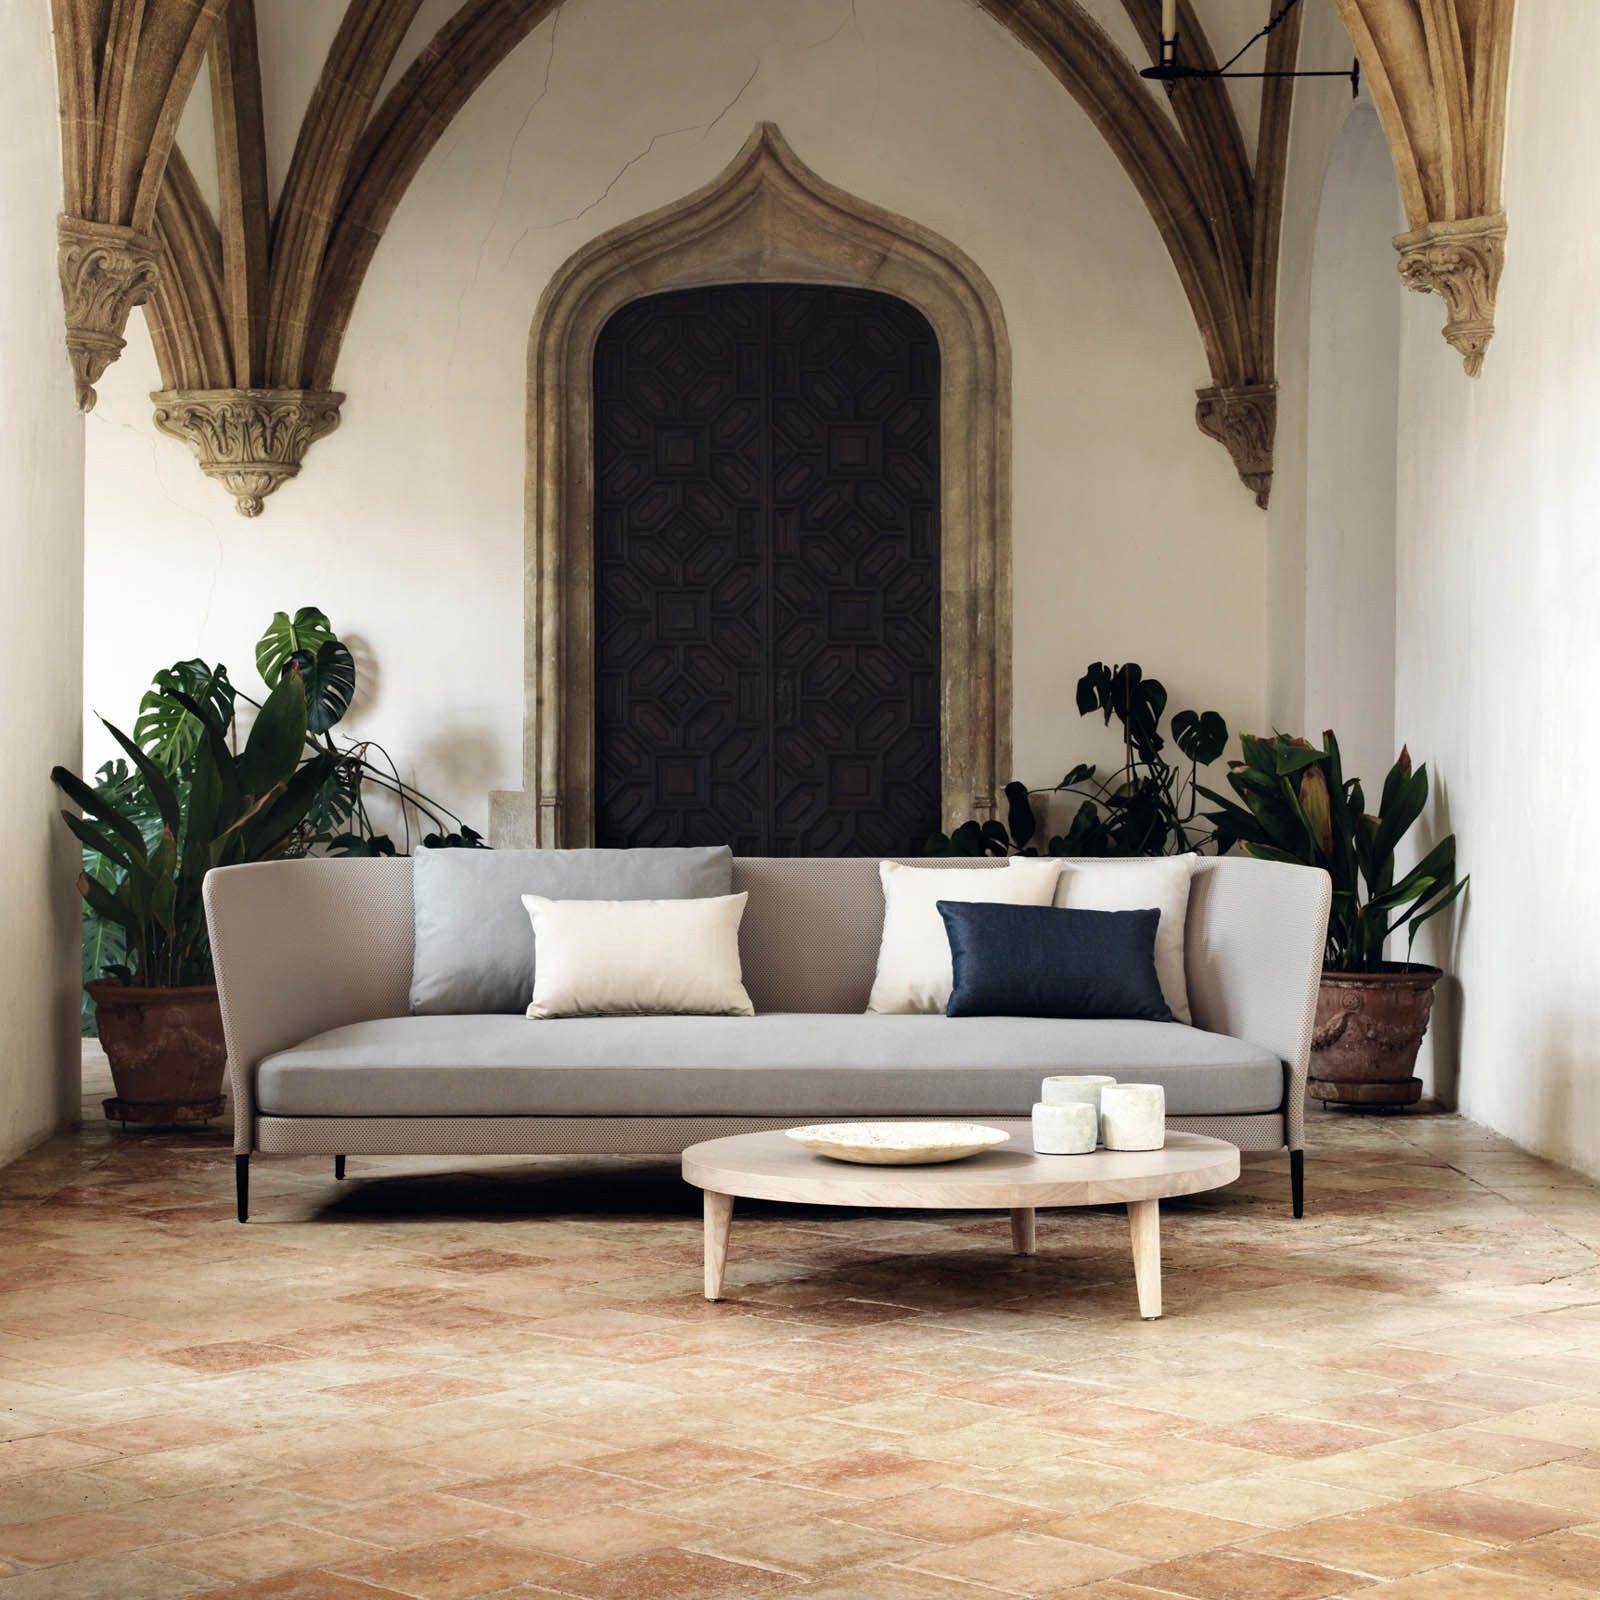 kabu modular sofa by javier pastor for expormim interior design